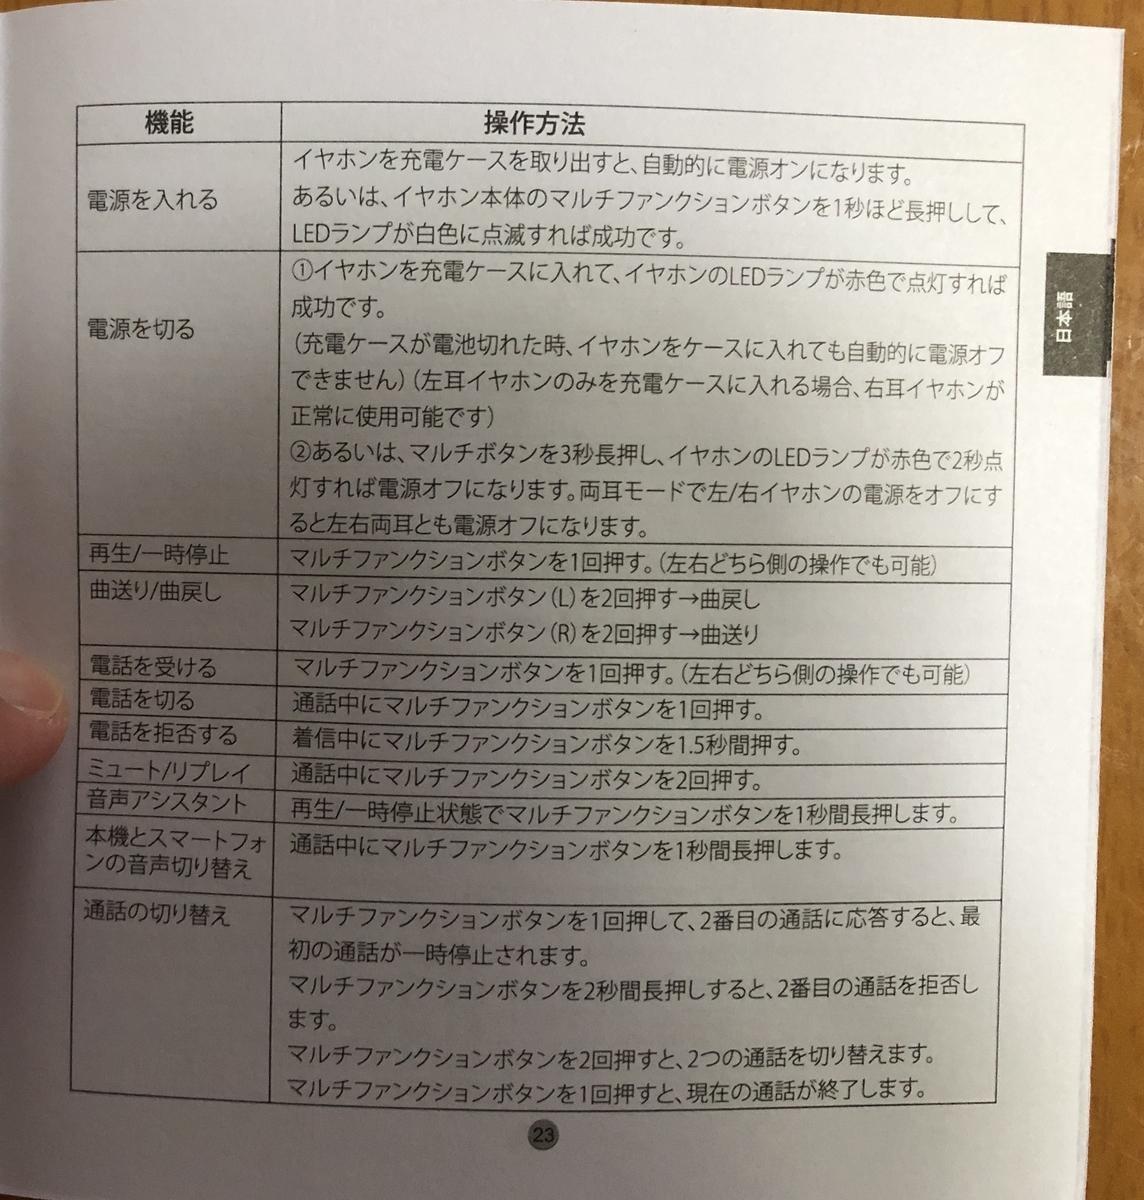 f:id:ushirotaro:20200809101716j:plain